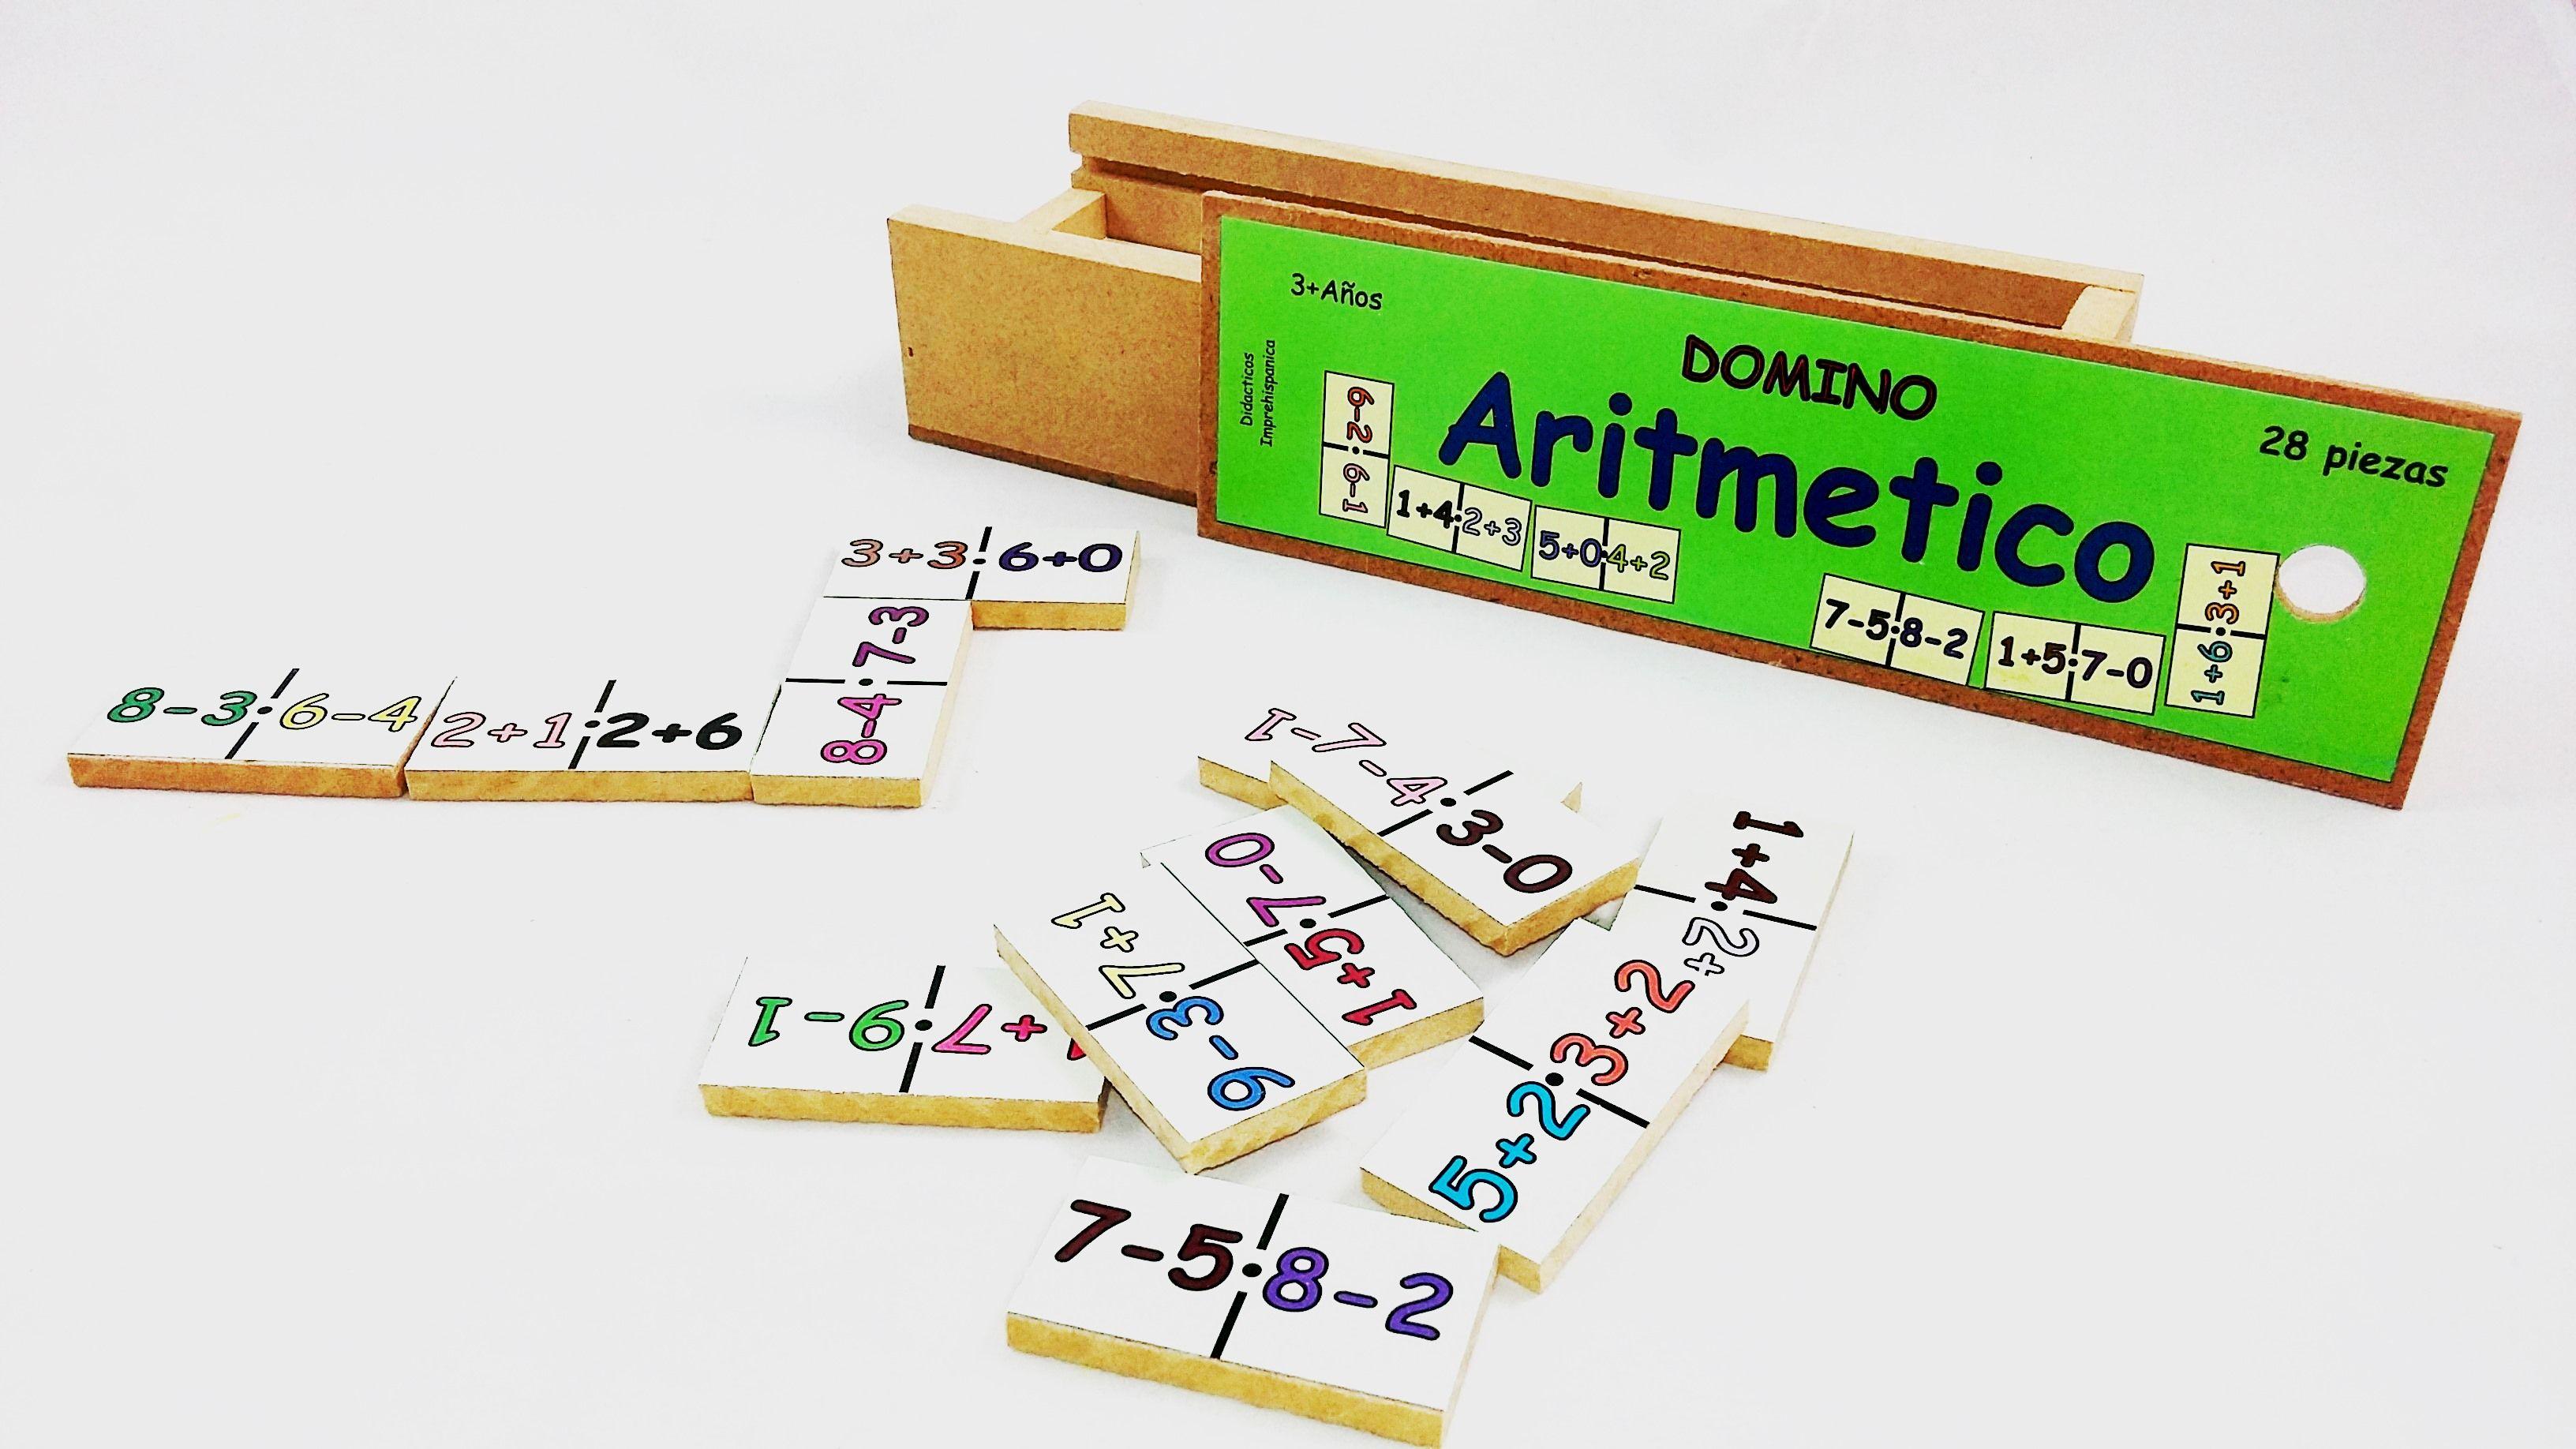 Domino Aritmetico